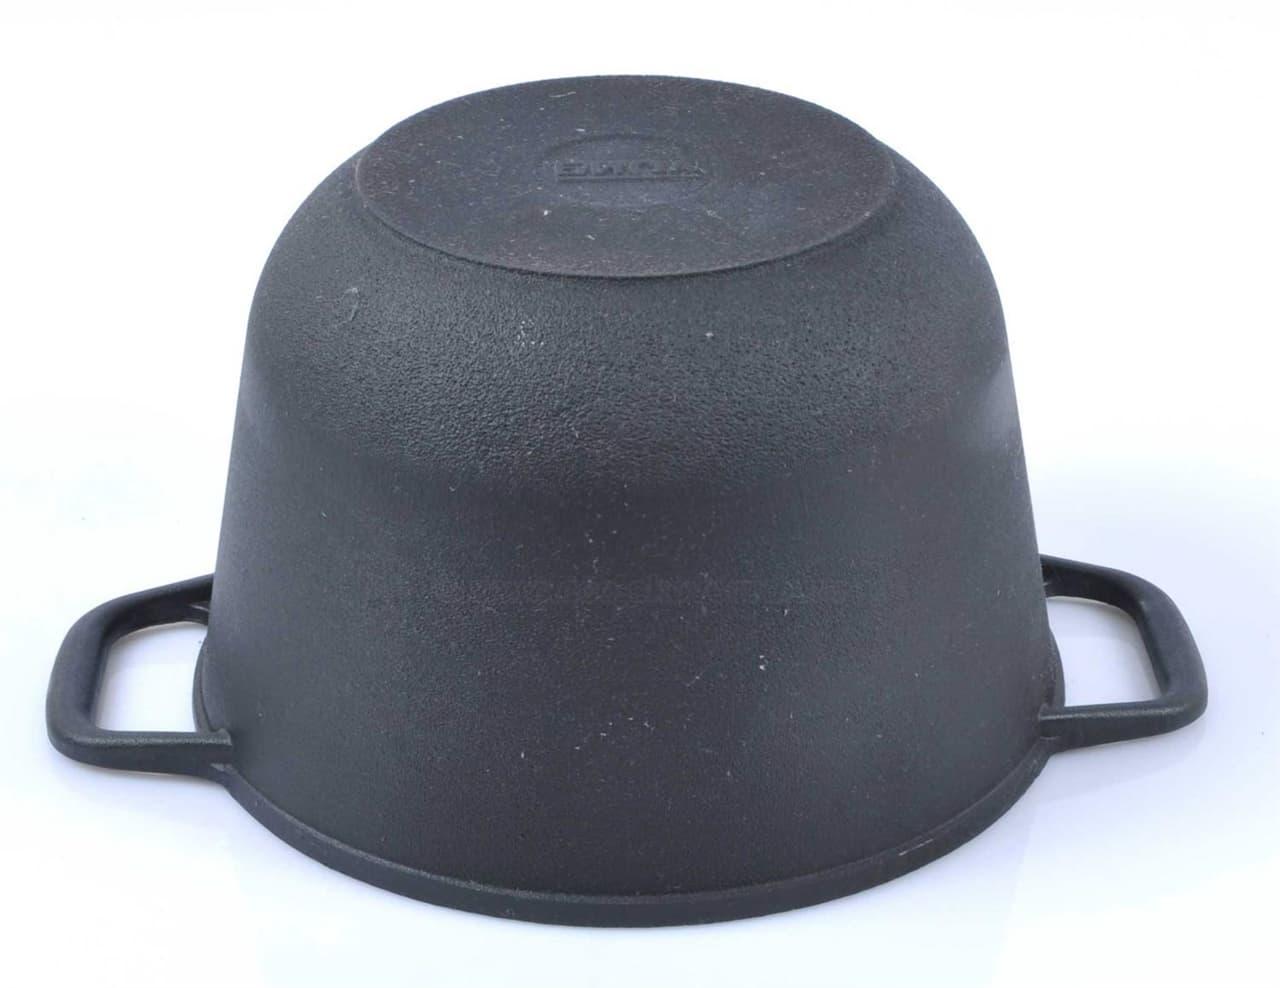 Кастрюля чугунная 4 л. с крышкой сковородой БИОЛ 0204 - фото 5392